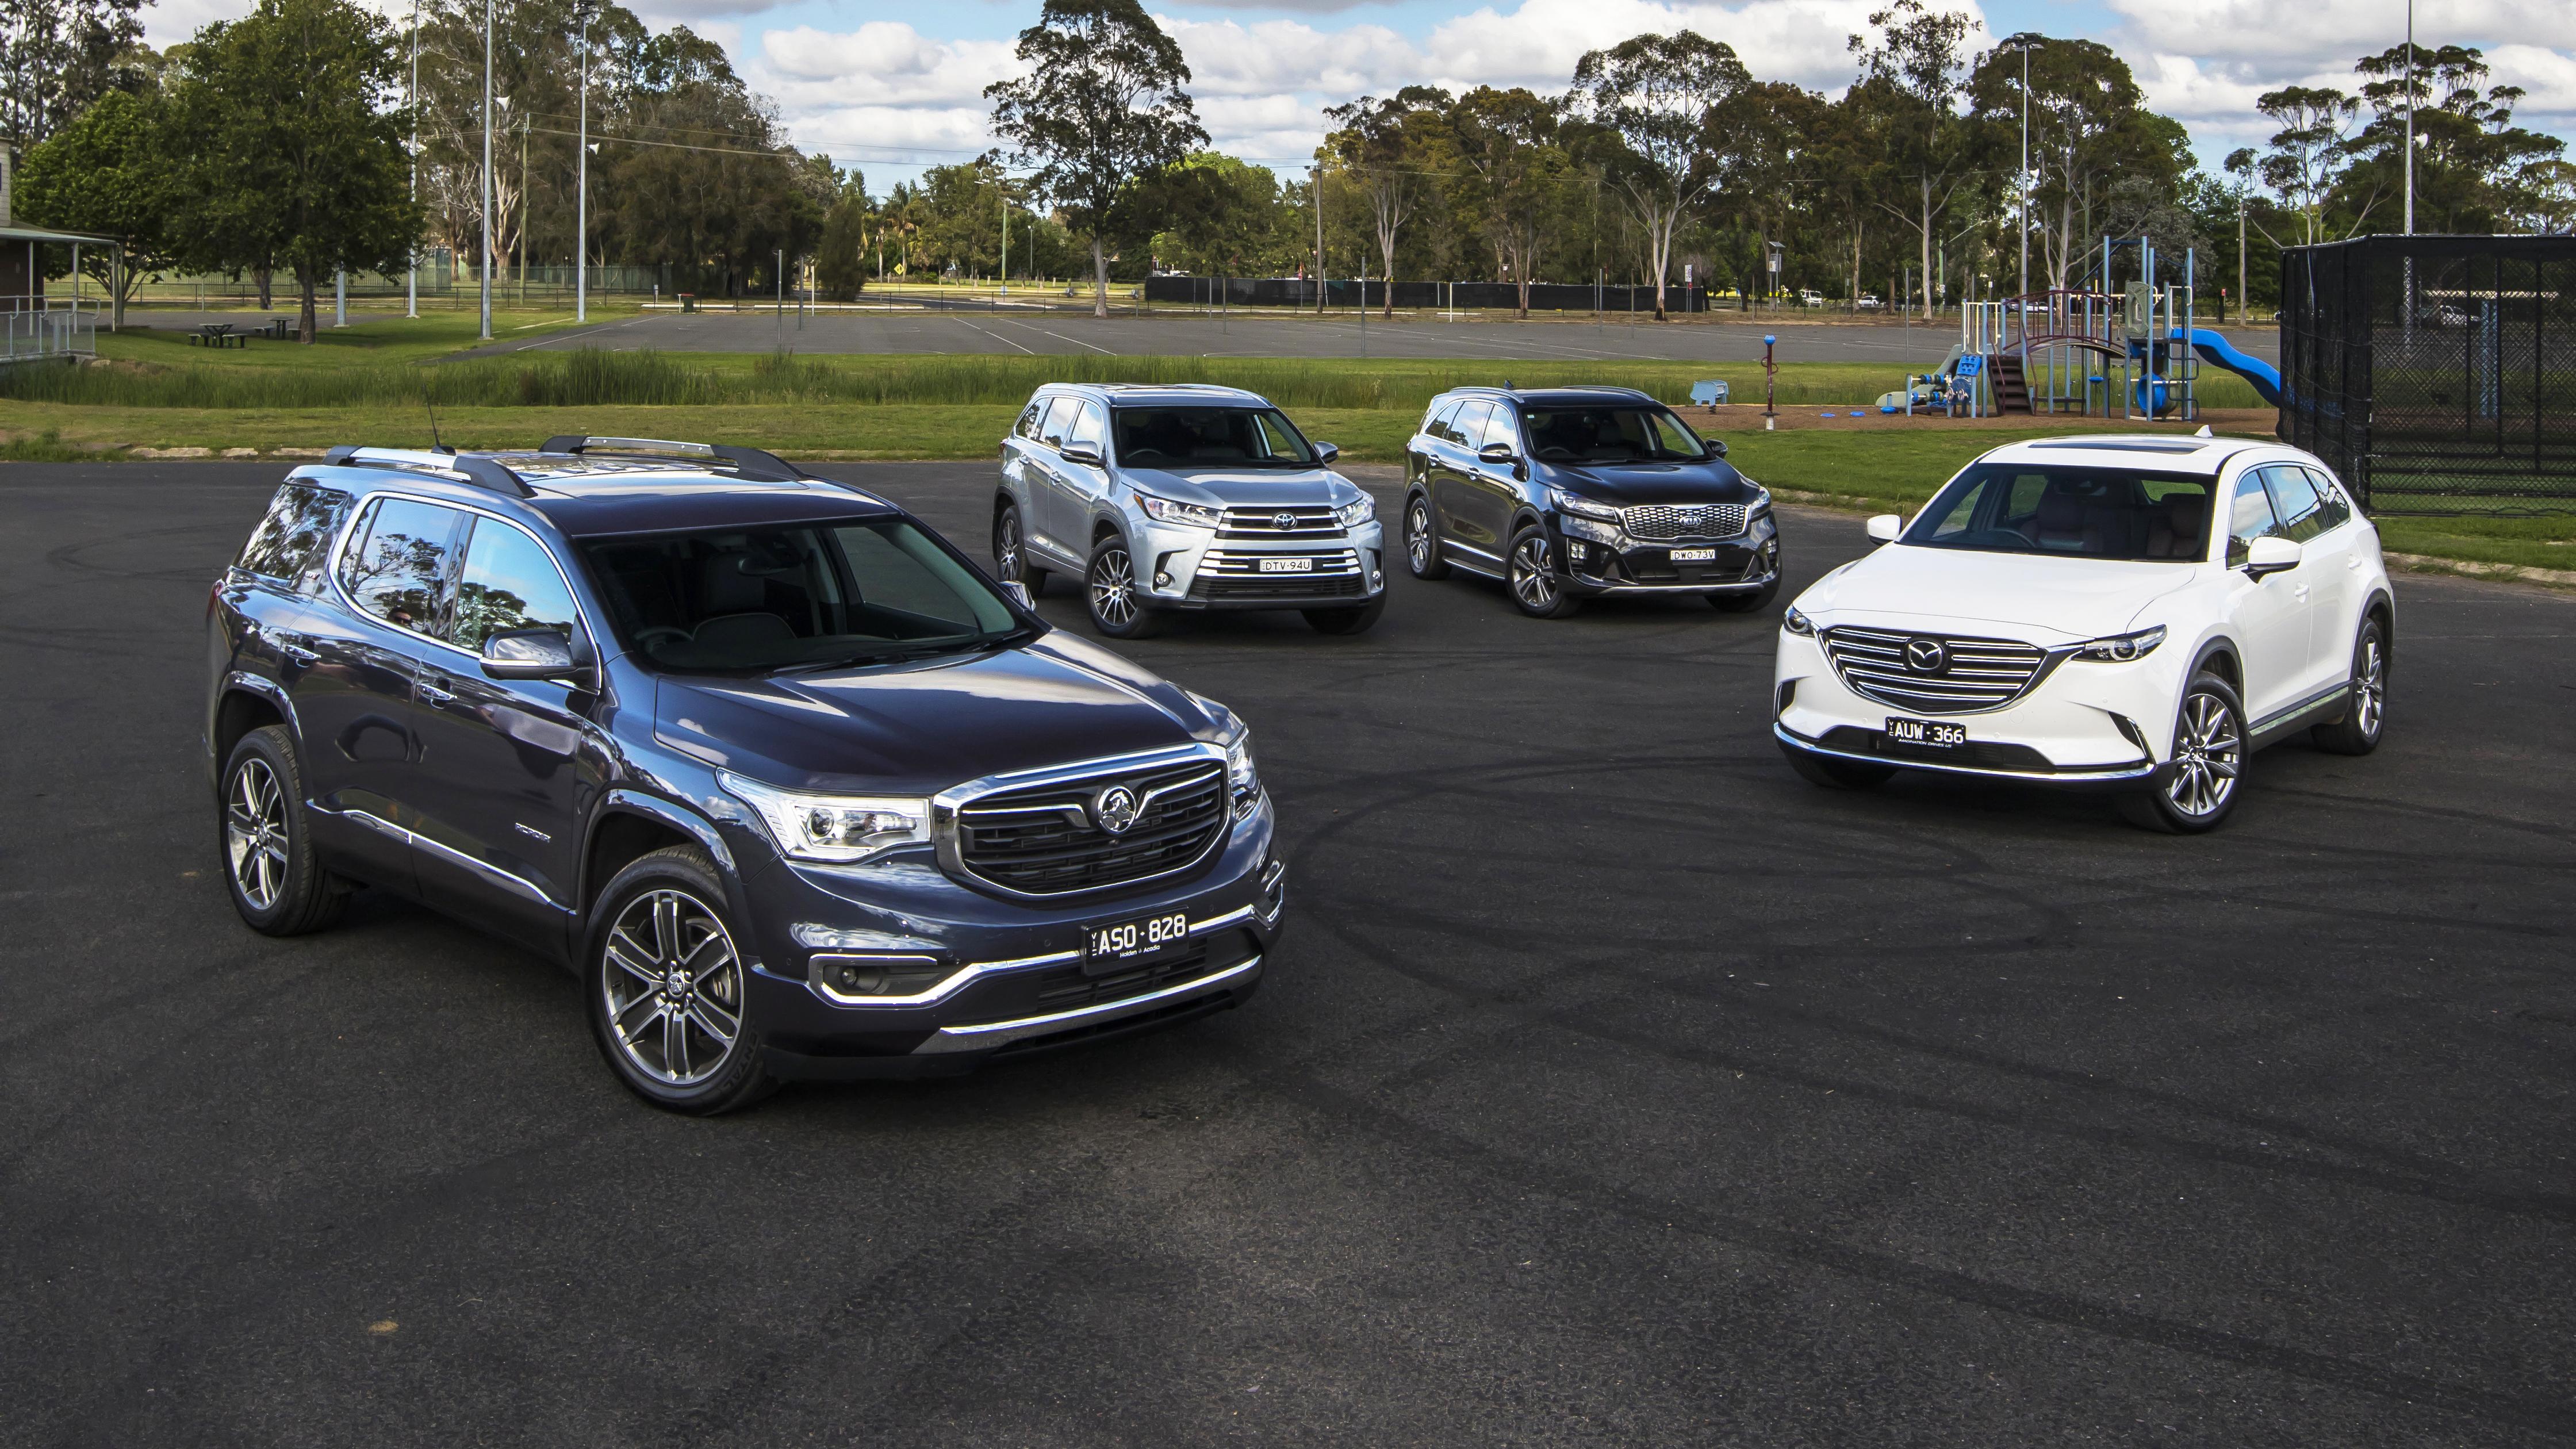 Seven-seat SUV comparison review: Holden Acadia v Kia Sorento v Mazda CX-9 v Toyota Kluger